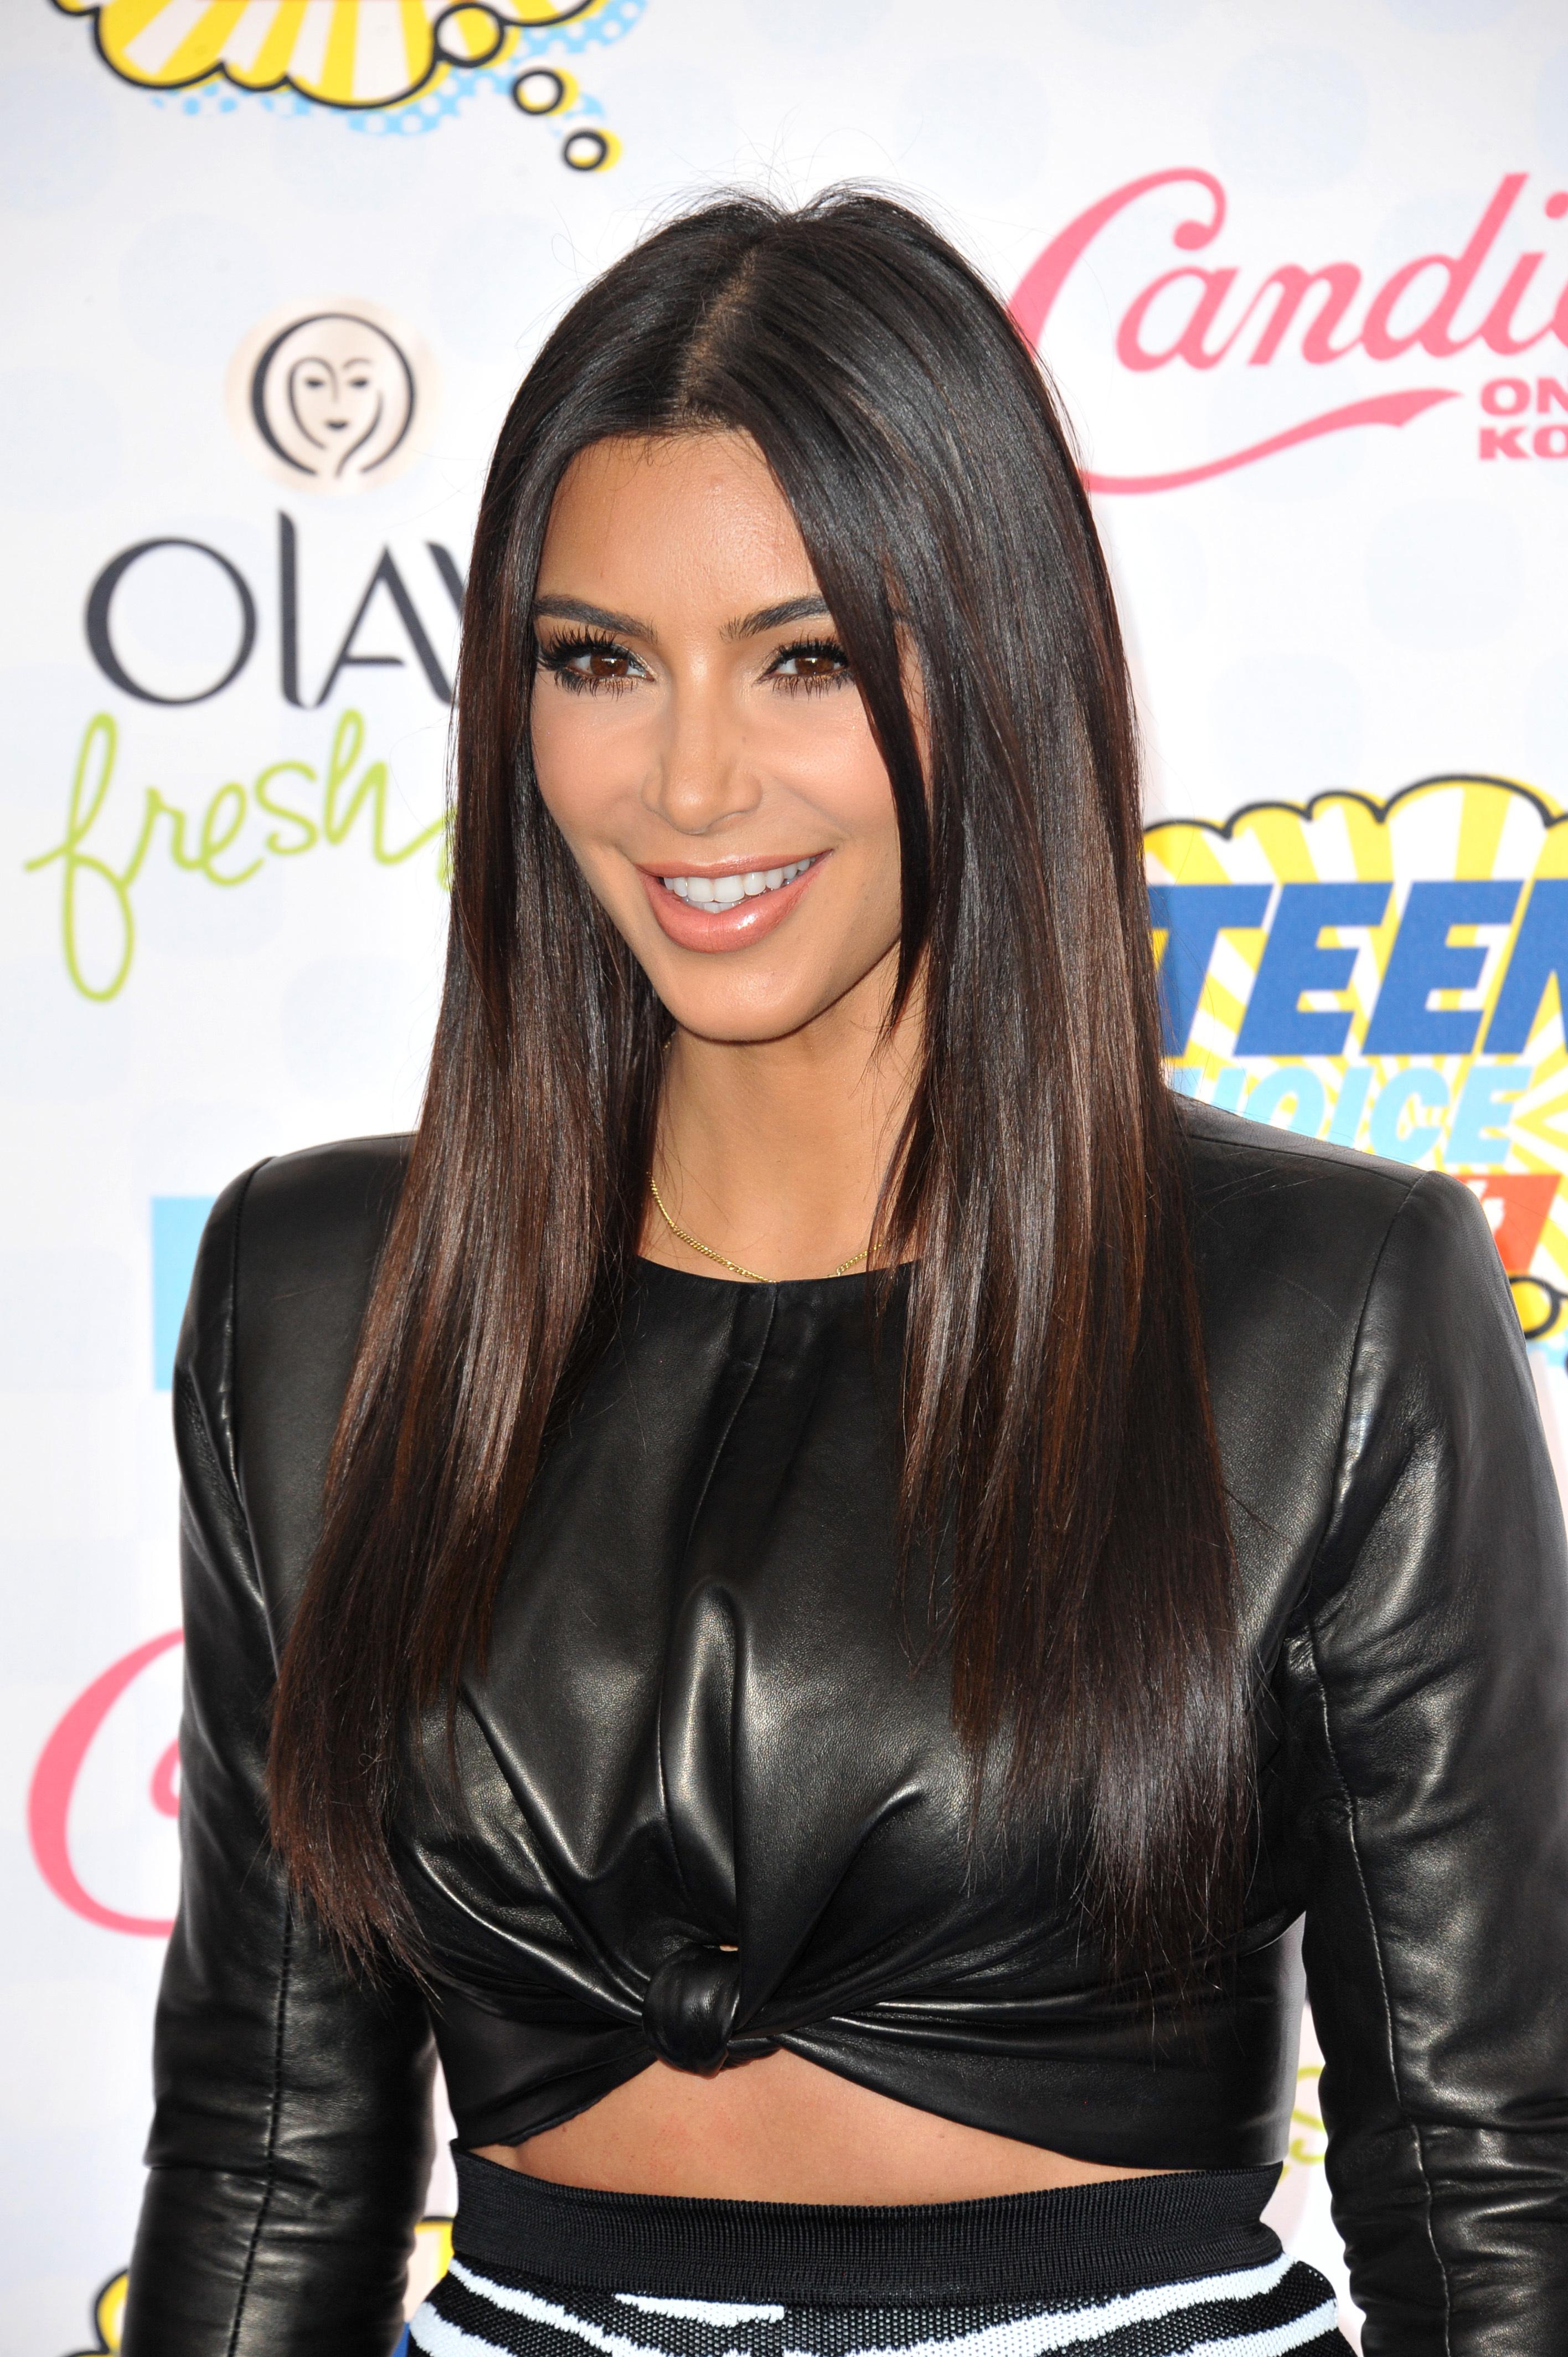 Arrests In Kim Kardashian Robbery Suggest It WAS An Inside Job...Sort Of